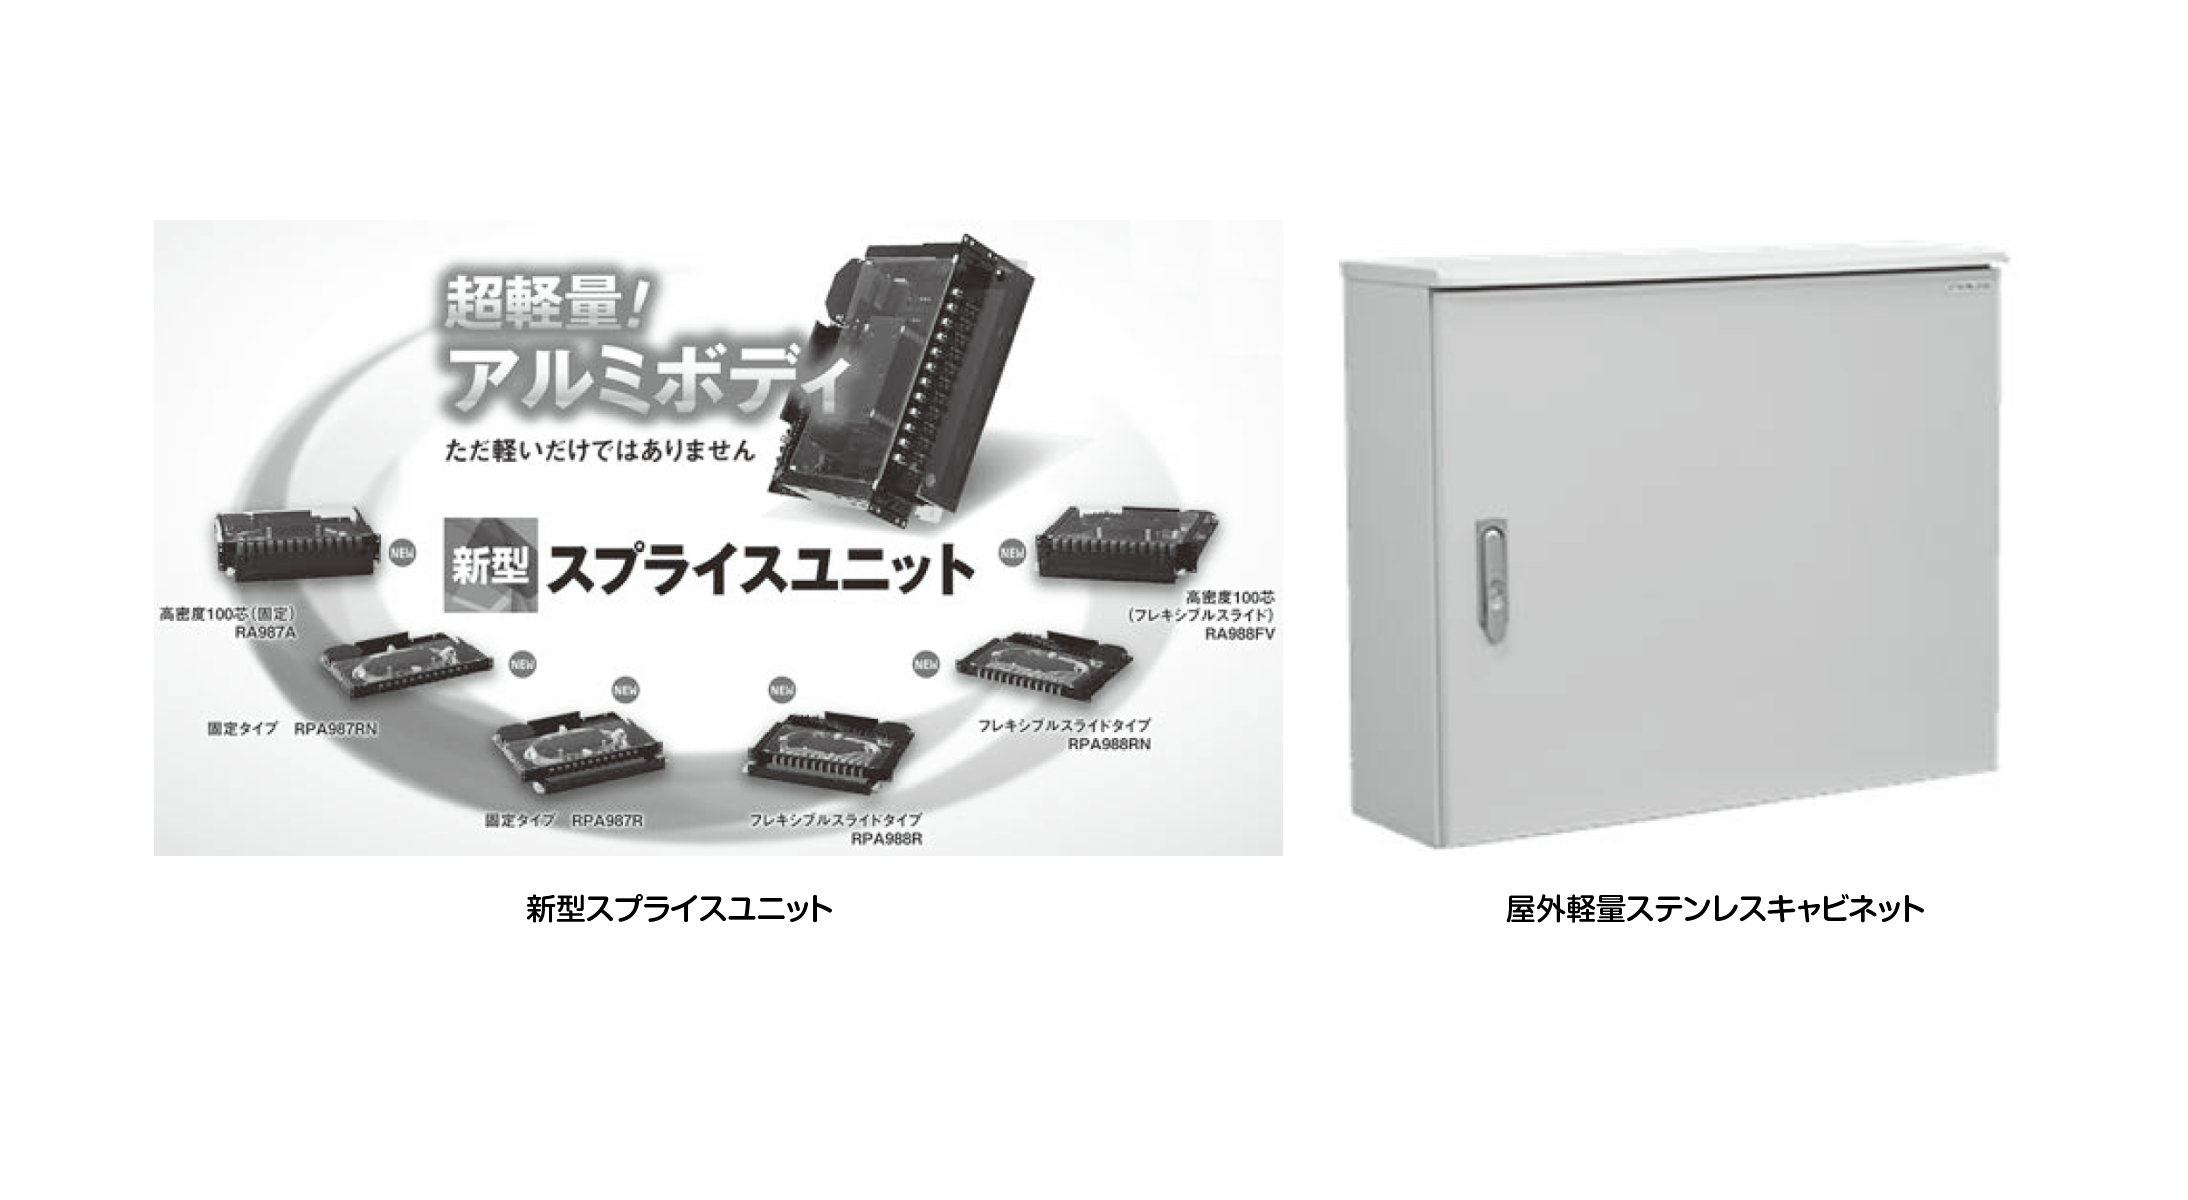 【河村電器】産業新型スプライスユニットと 新型キャビネットを発売の画像